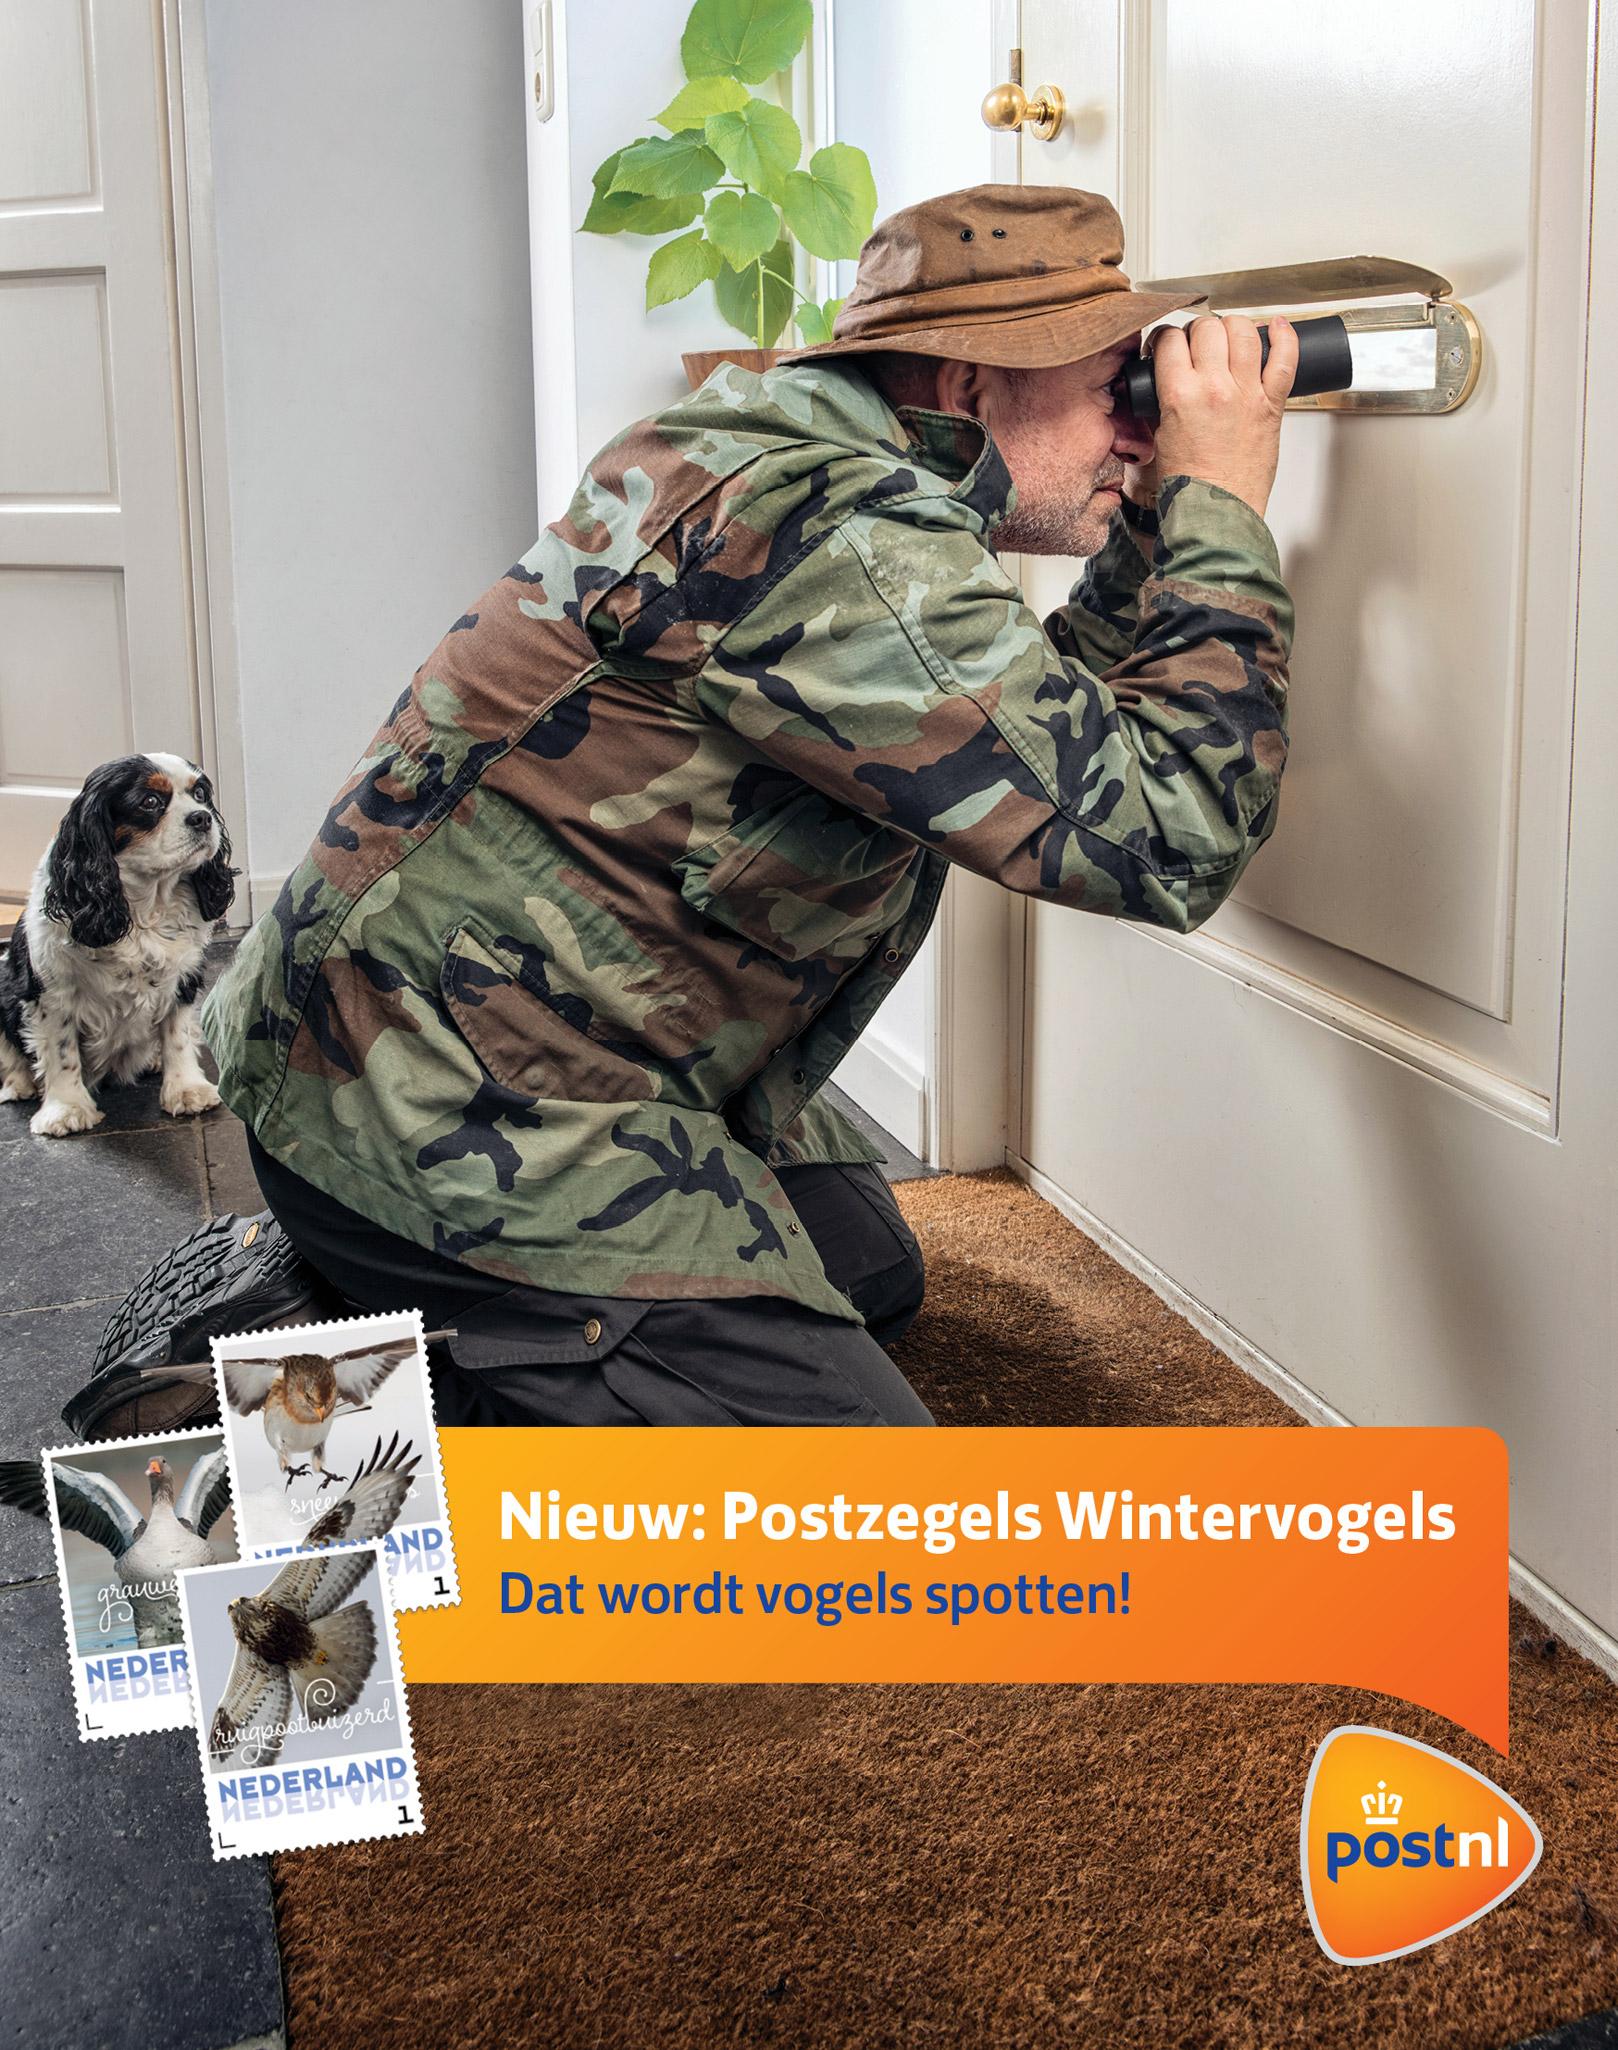 PostNL_Wintervogels_Topkaart